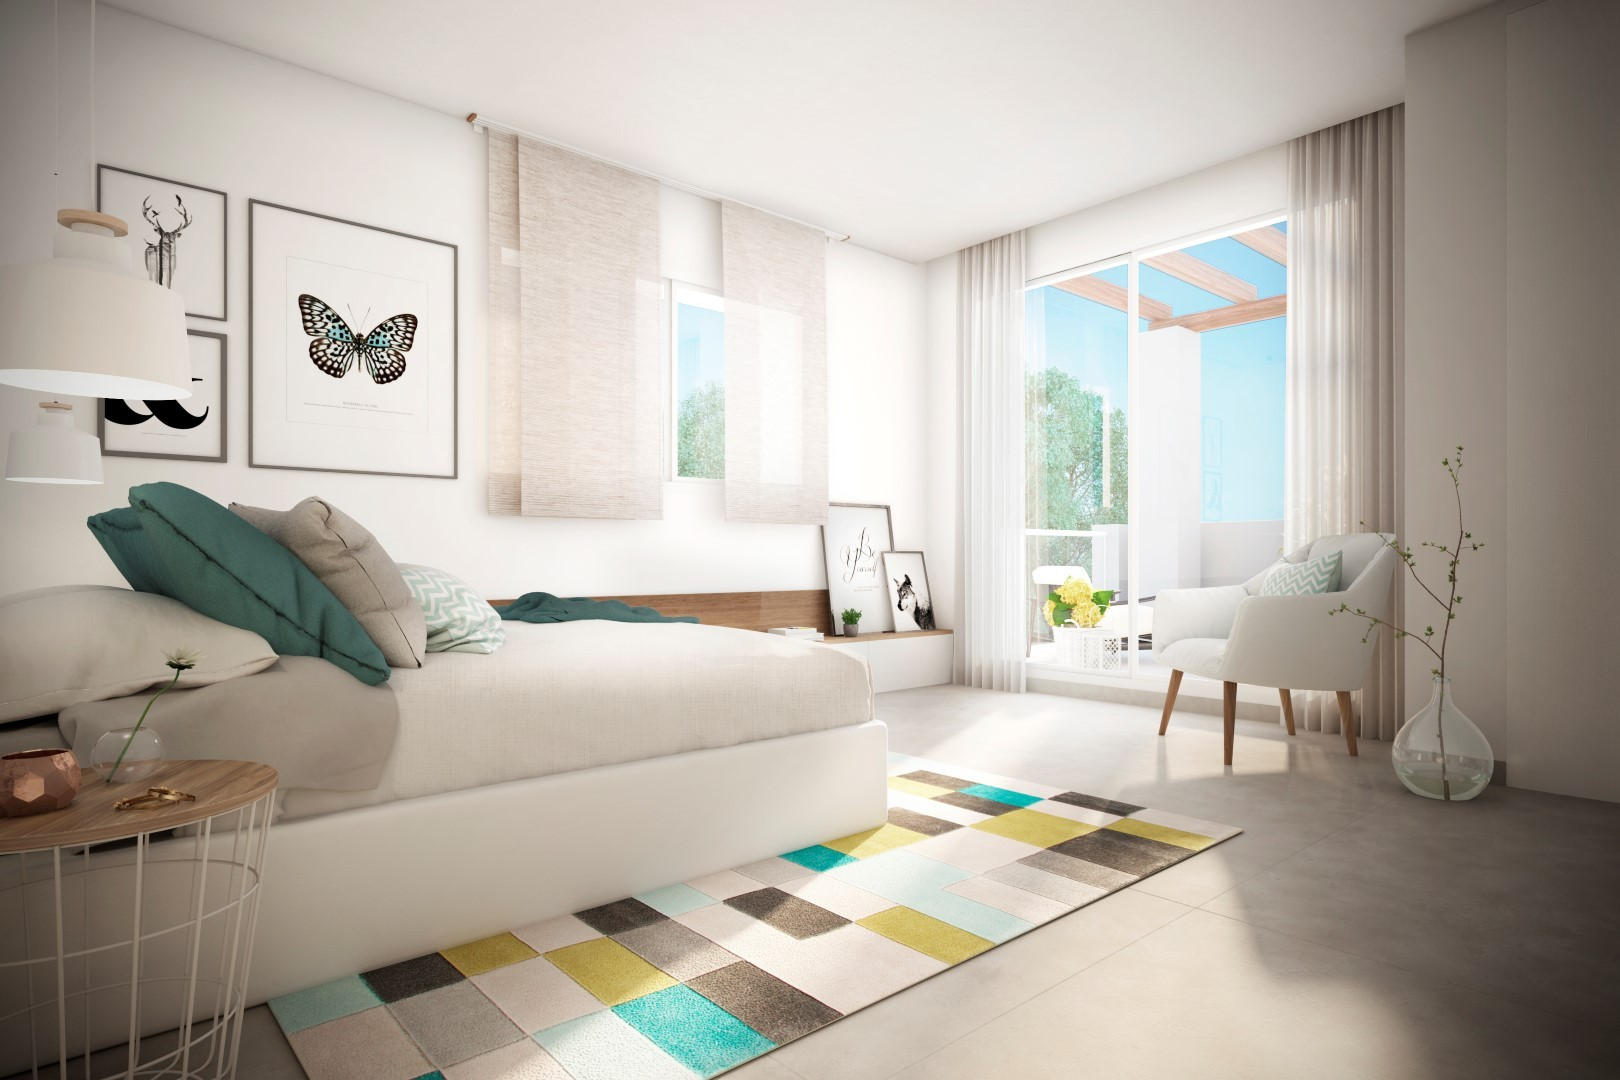 Nieuwbouw appartementen te koop in Benalmadena. Dit is nog eens uitzicht! PL 50